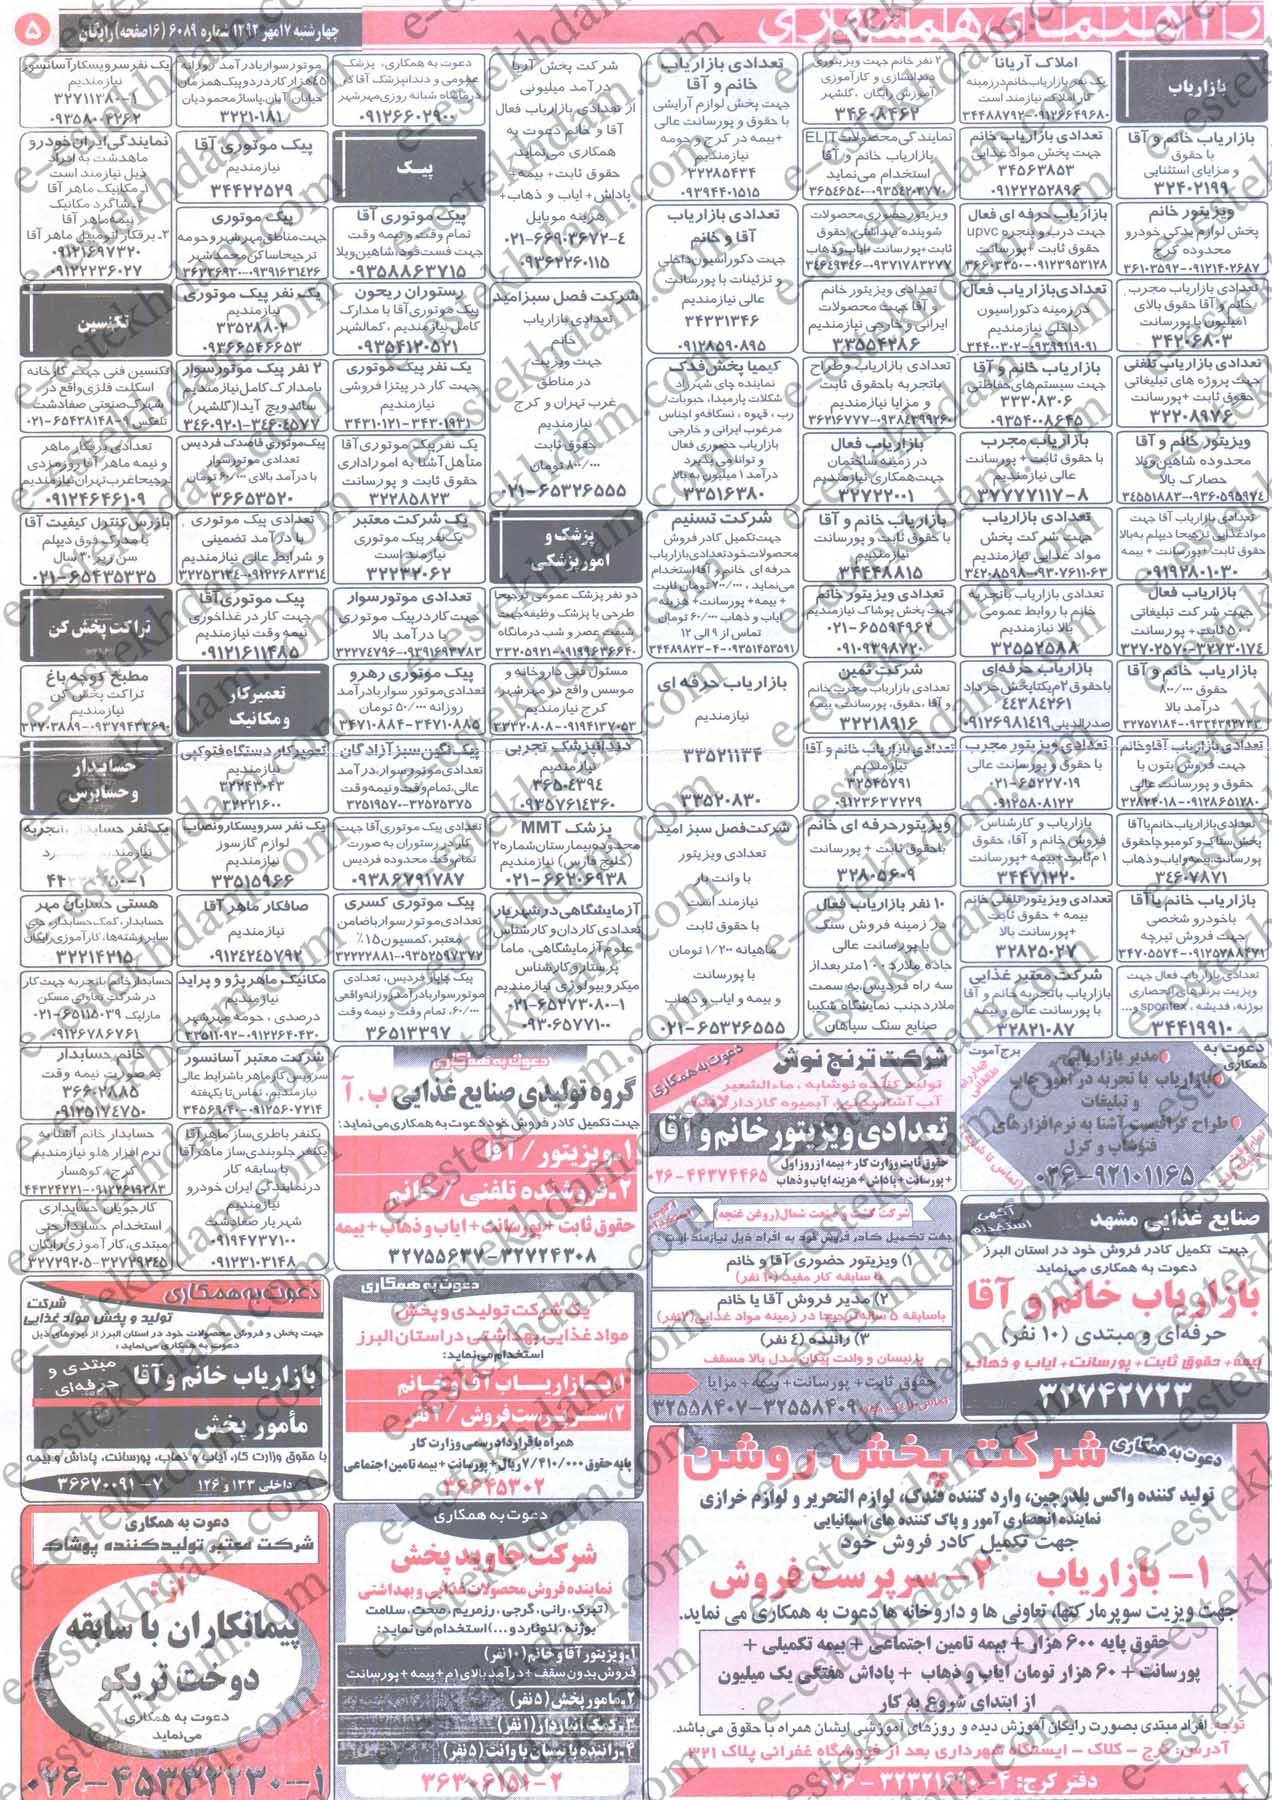 استخدام شهر کرج و استان البرز   17 مهر 92   «ای استخدام»   آگهی ...KARAJ (2)